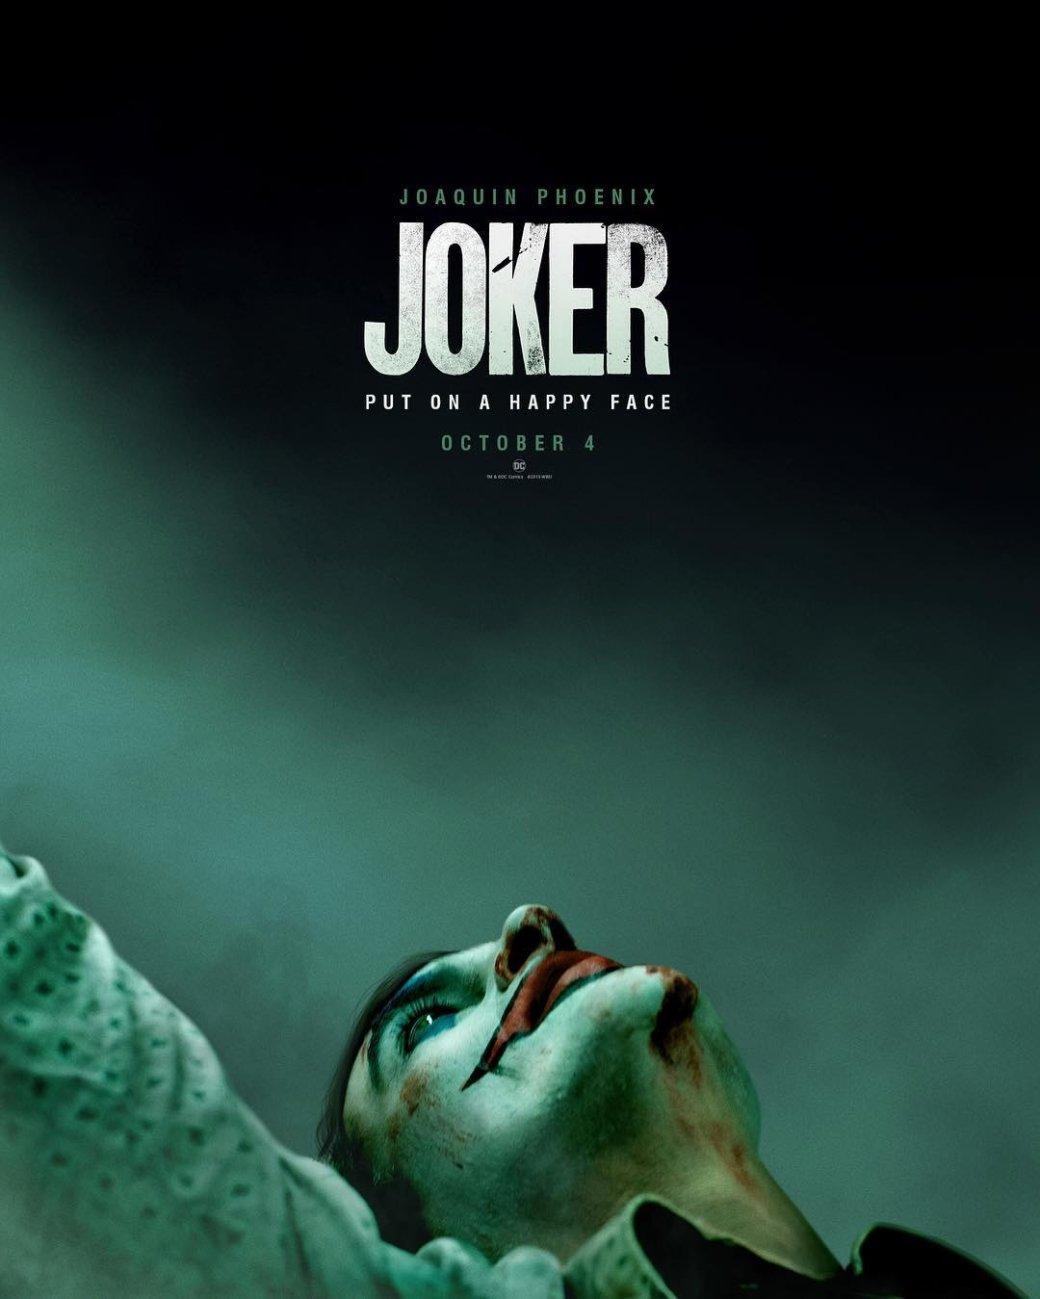 Каким будет «Джокер» сХоакином Фениксом? Разбираем сюжет фильма. Все не так, как в комиксах! | Канобу - Изображение 3